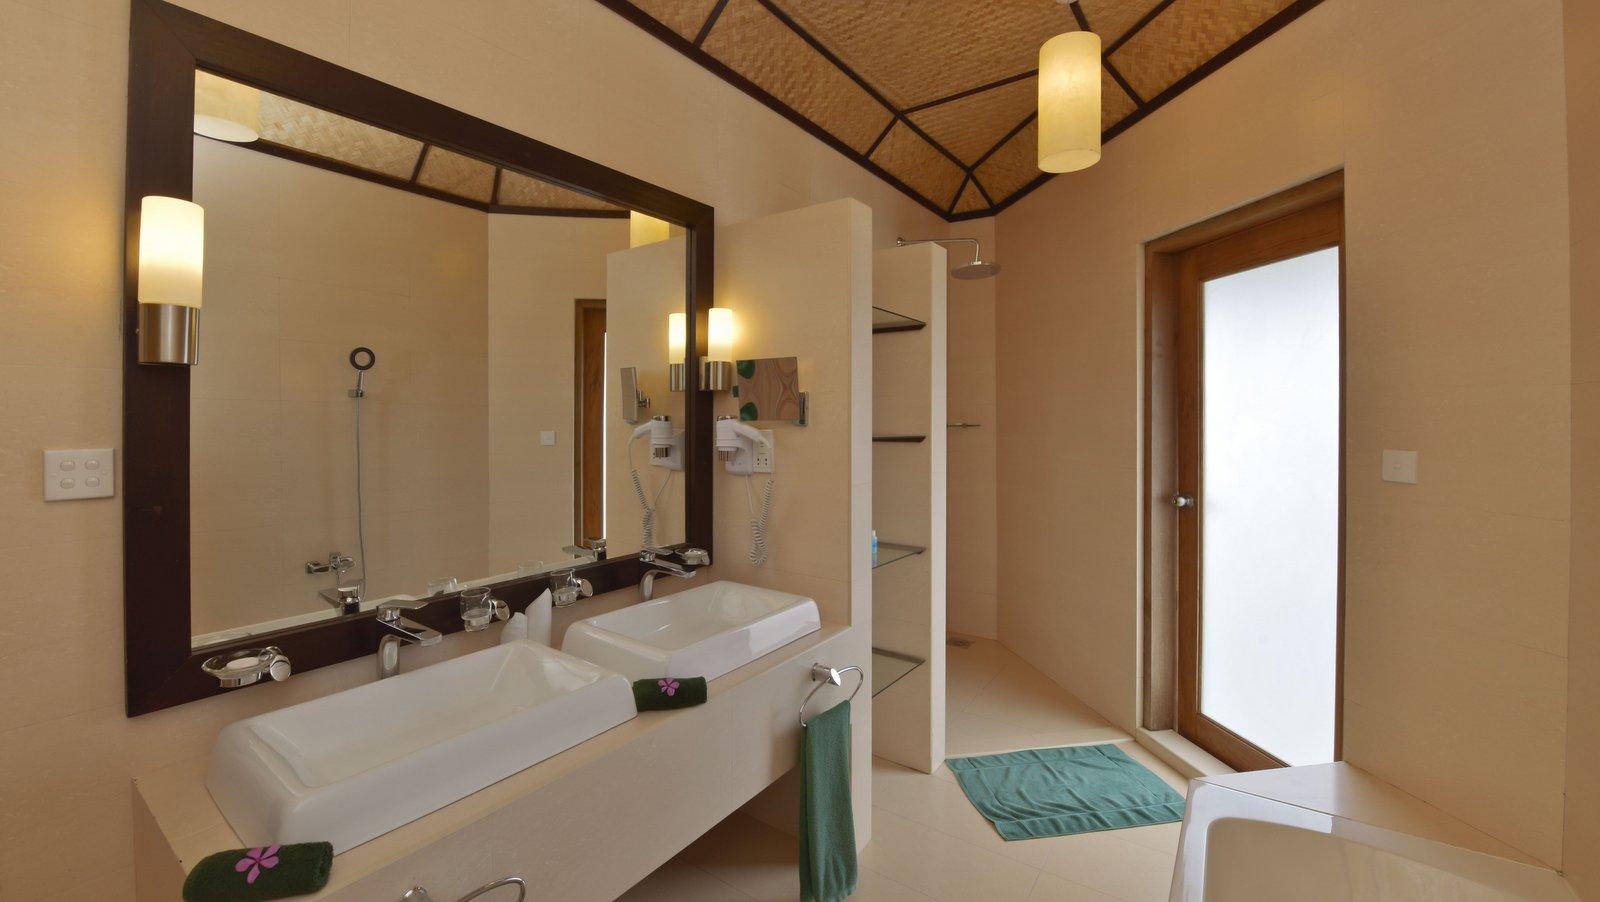 Мальдивы, Отель Safari Island Resort & Spa, номер Water Bungalow